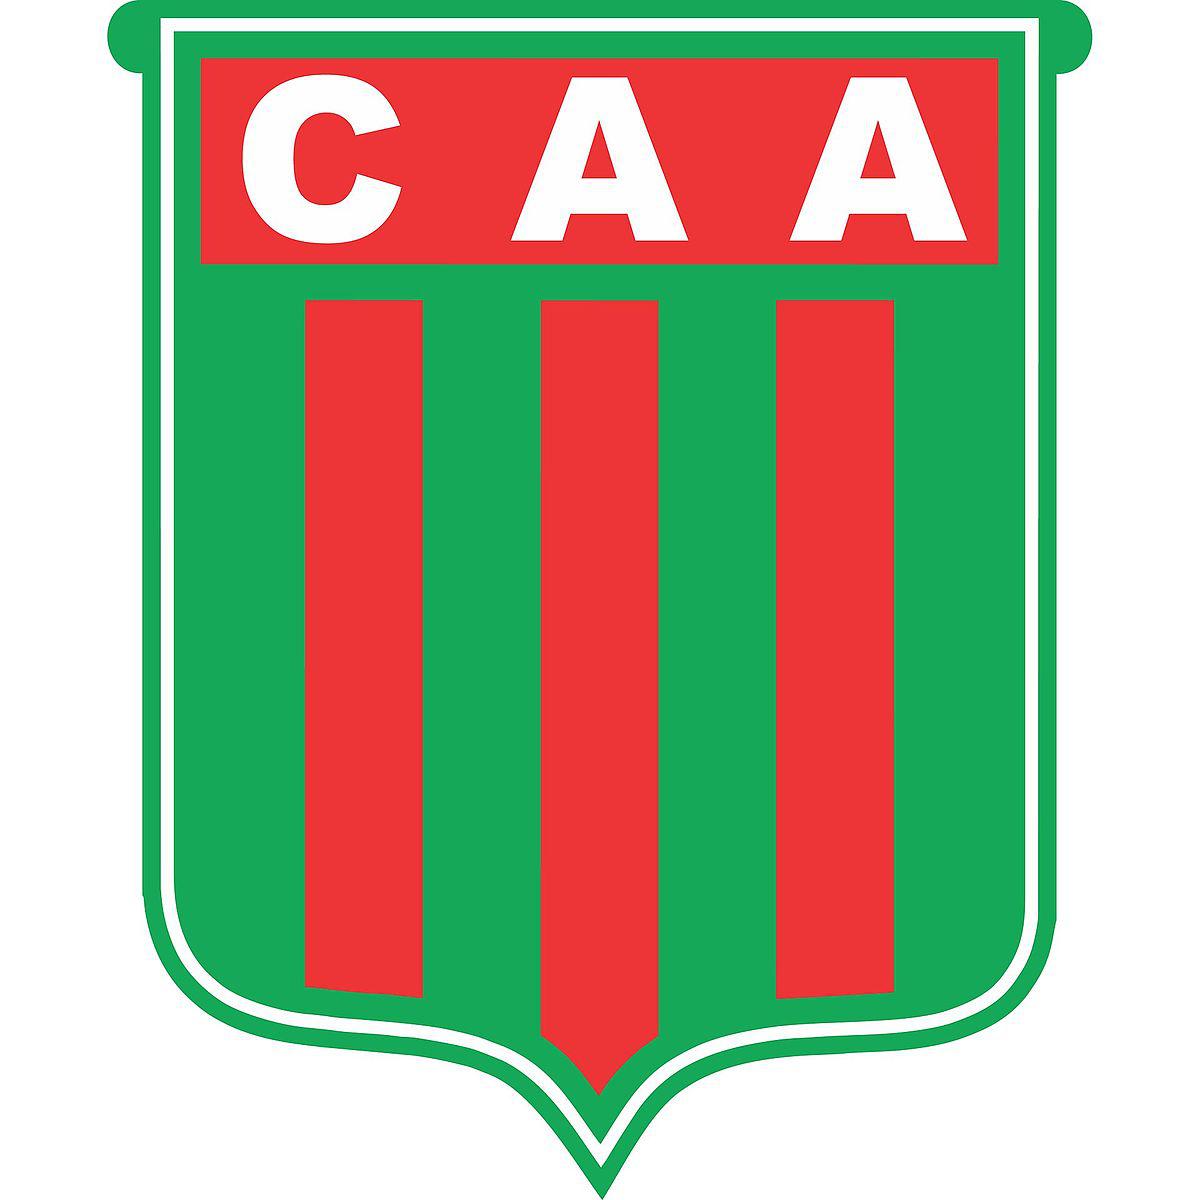 Logotipo da equipe agrícola